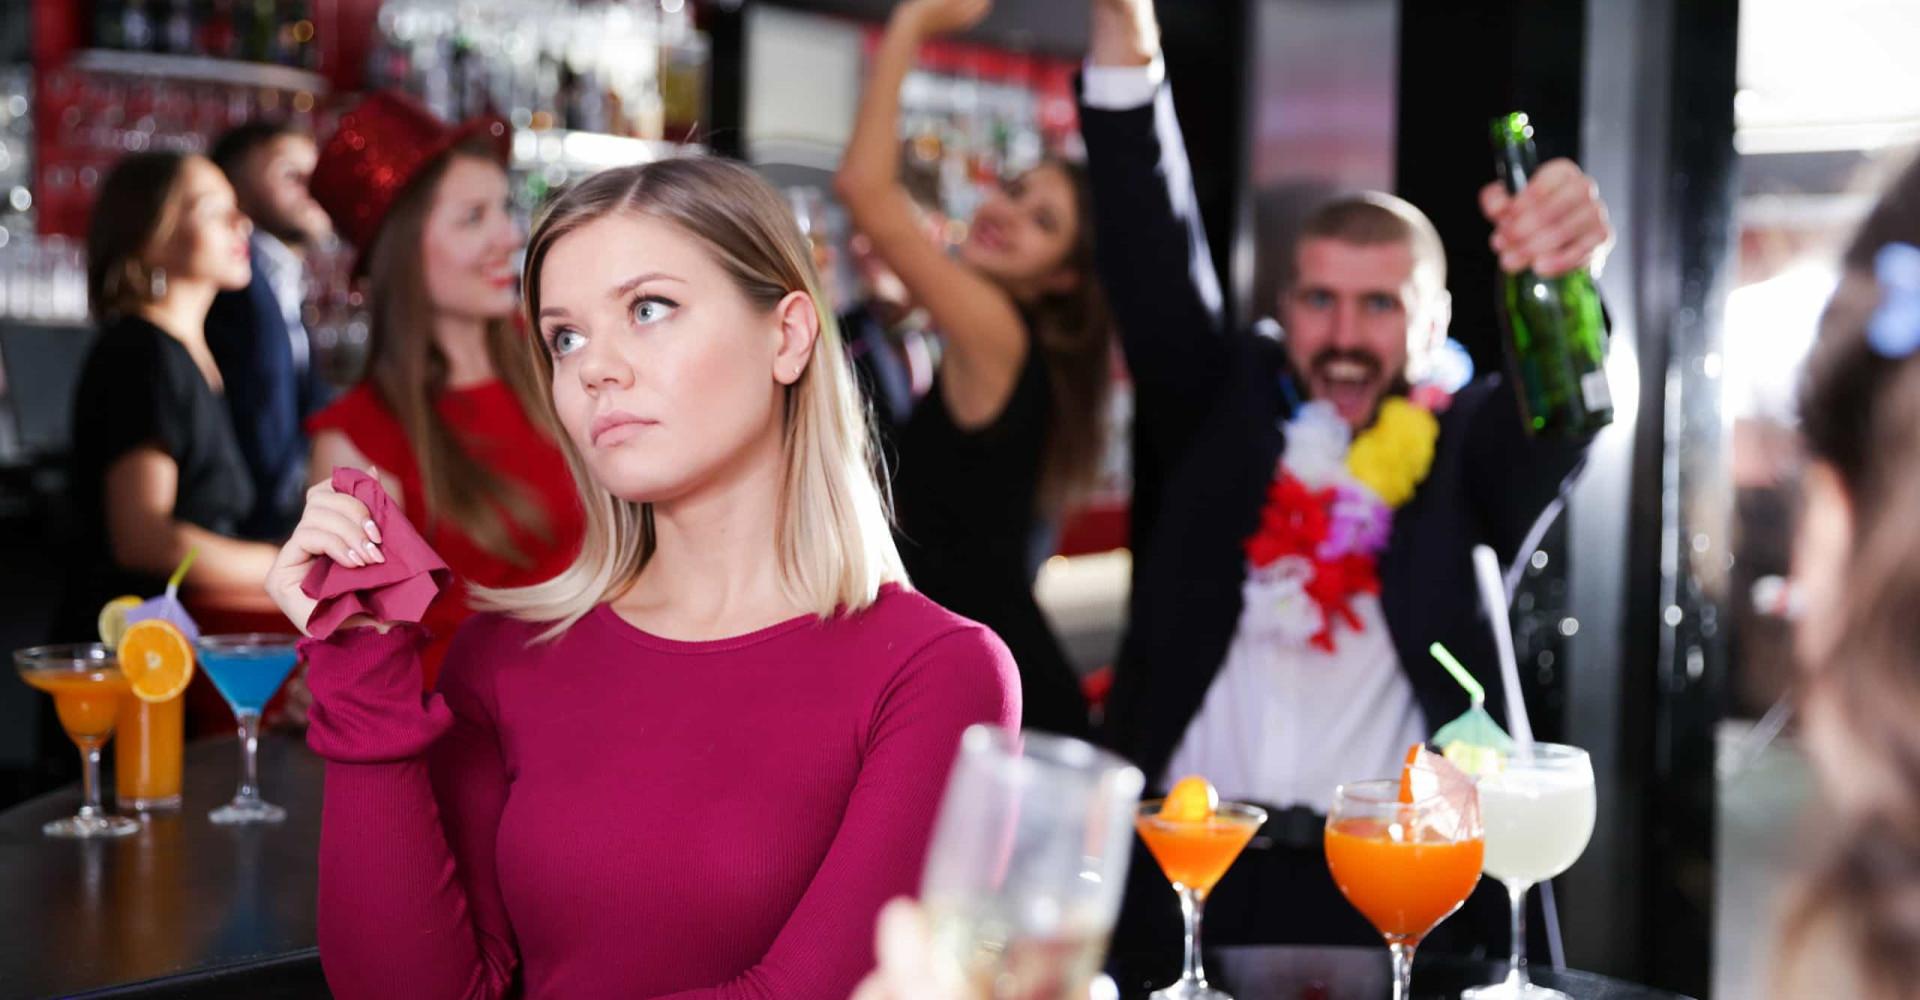 Sådan laver man planer, der ikke involverer alkohol